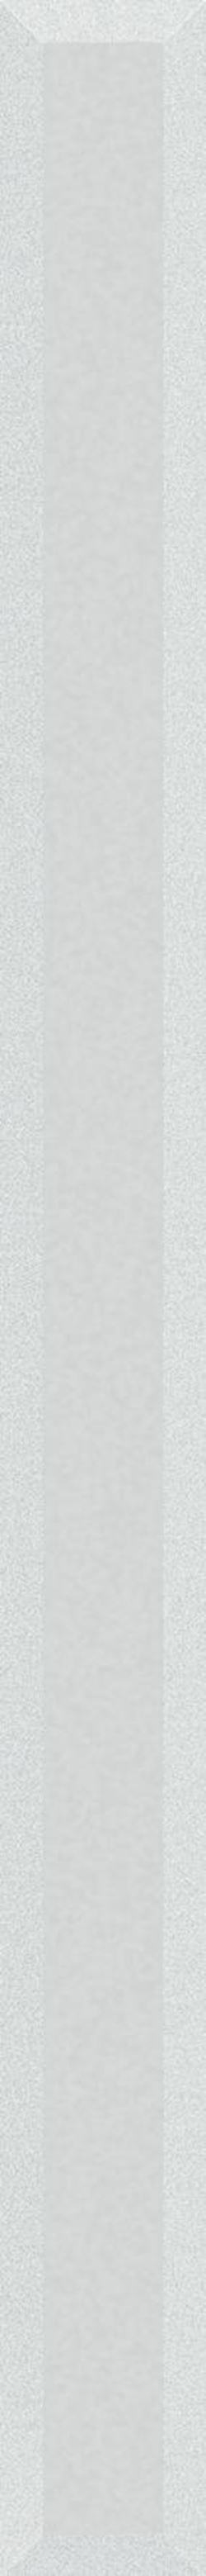 Paradyż Uniwersalna Listwa Szklana Ivory Fazowana